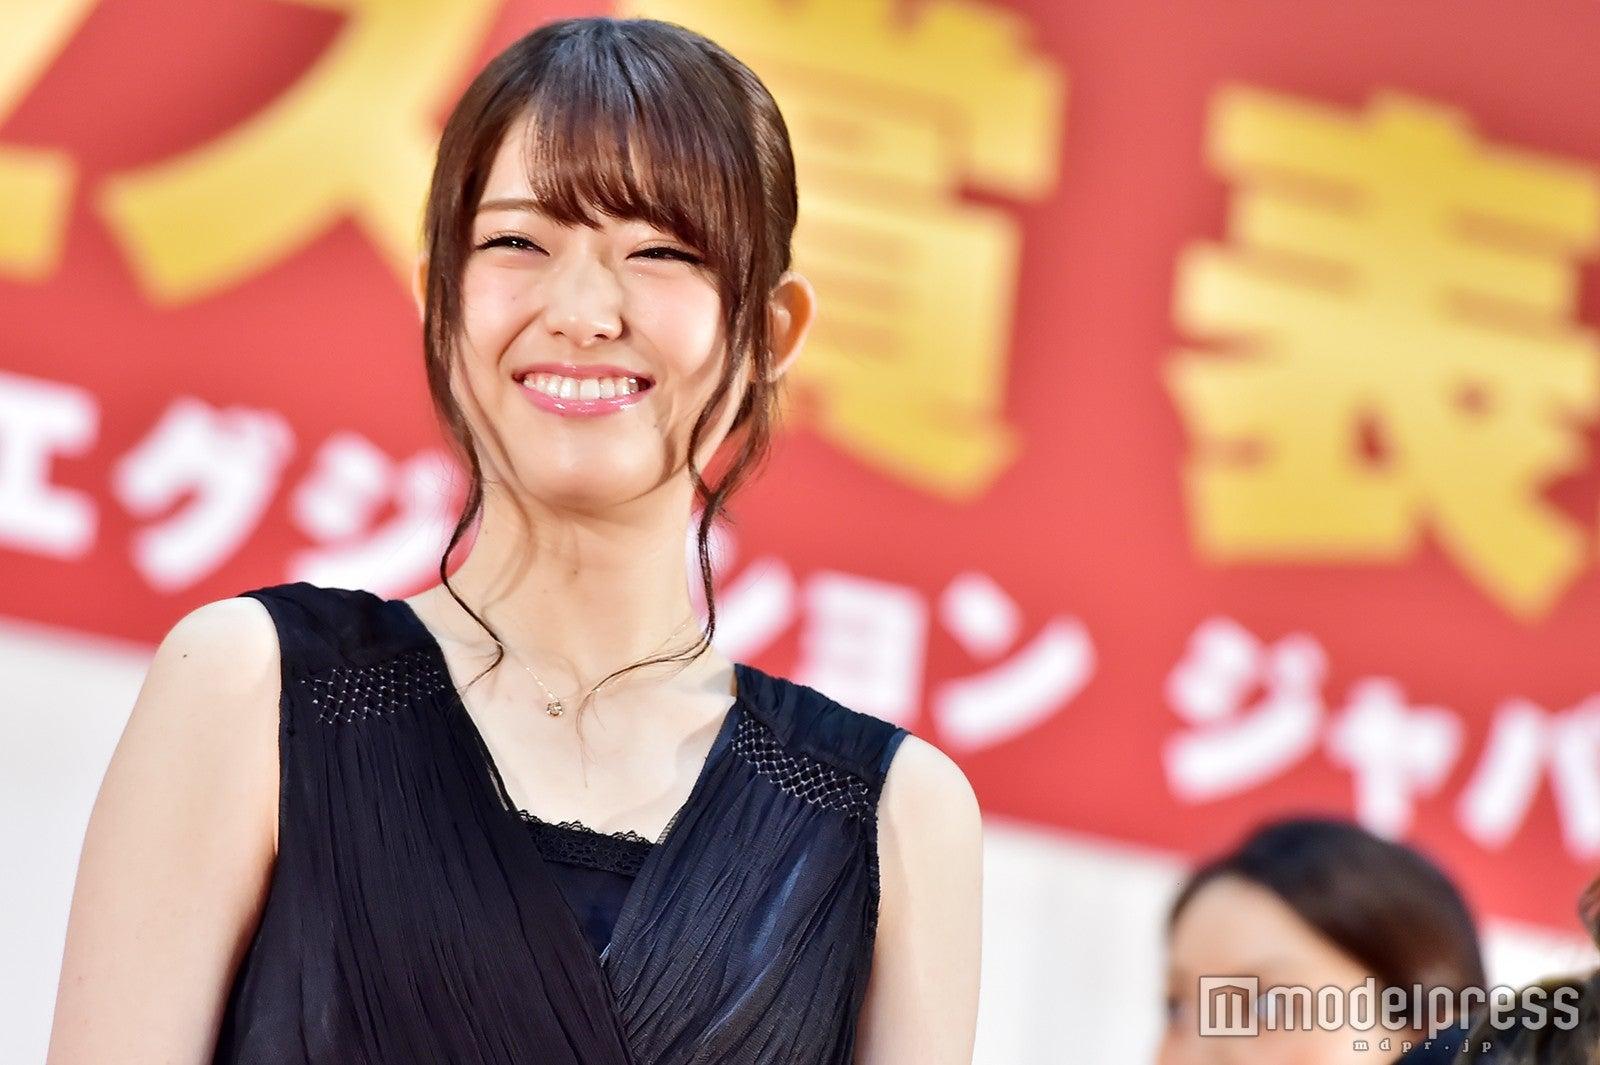 乃木坂46松村沙友理、代表スピーチで笑顔全開 ジュエリー贈呈に